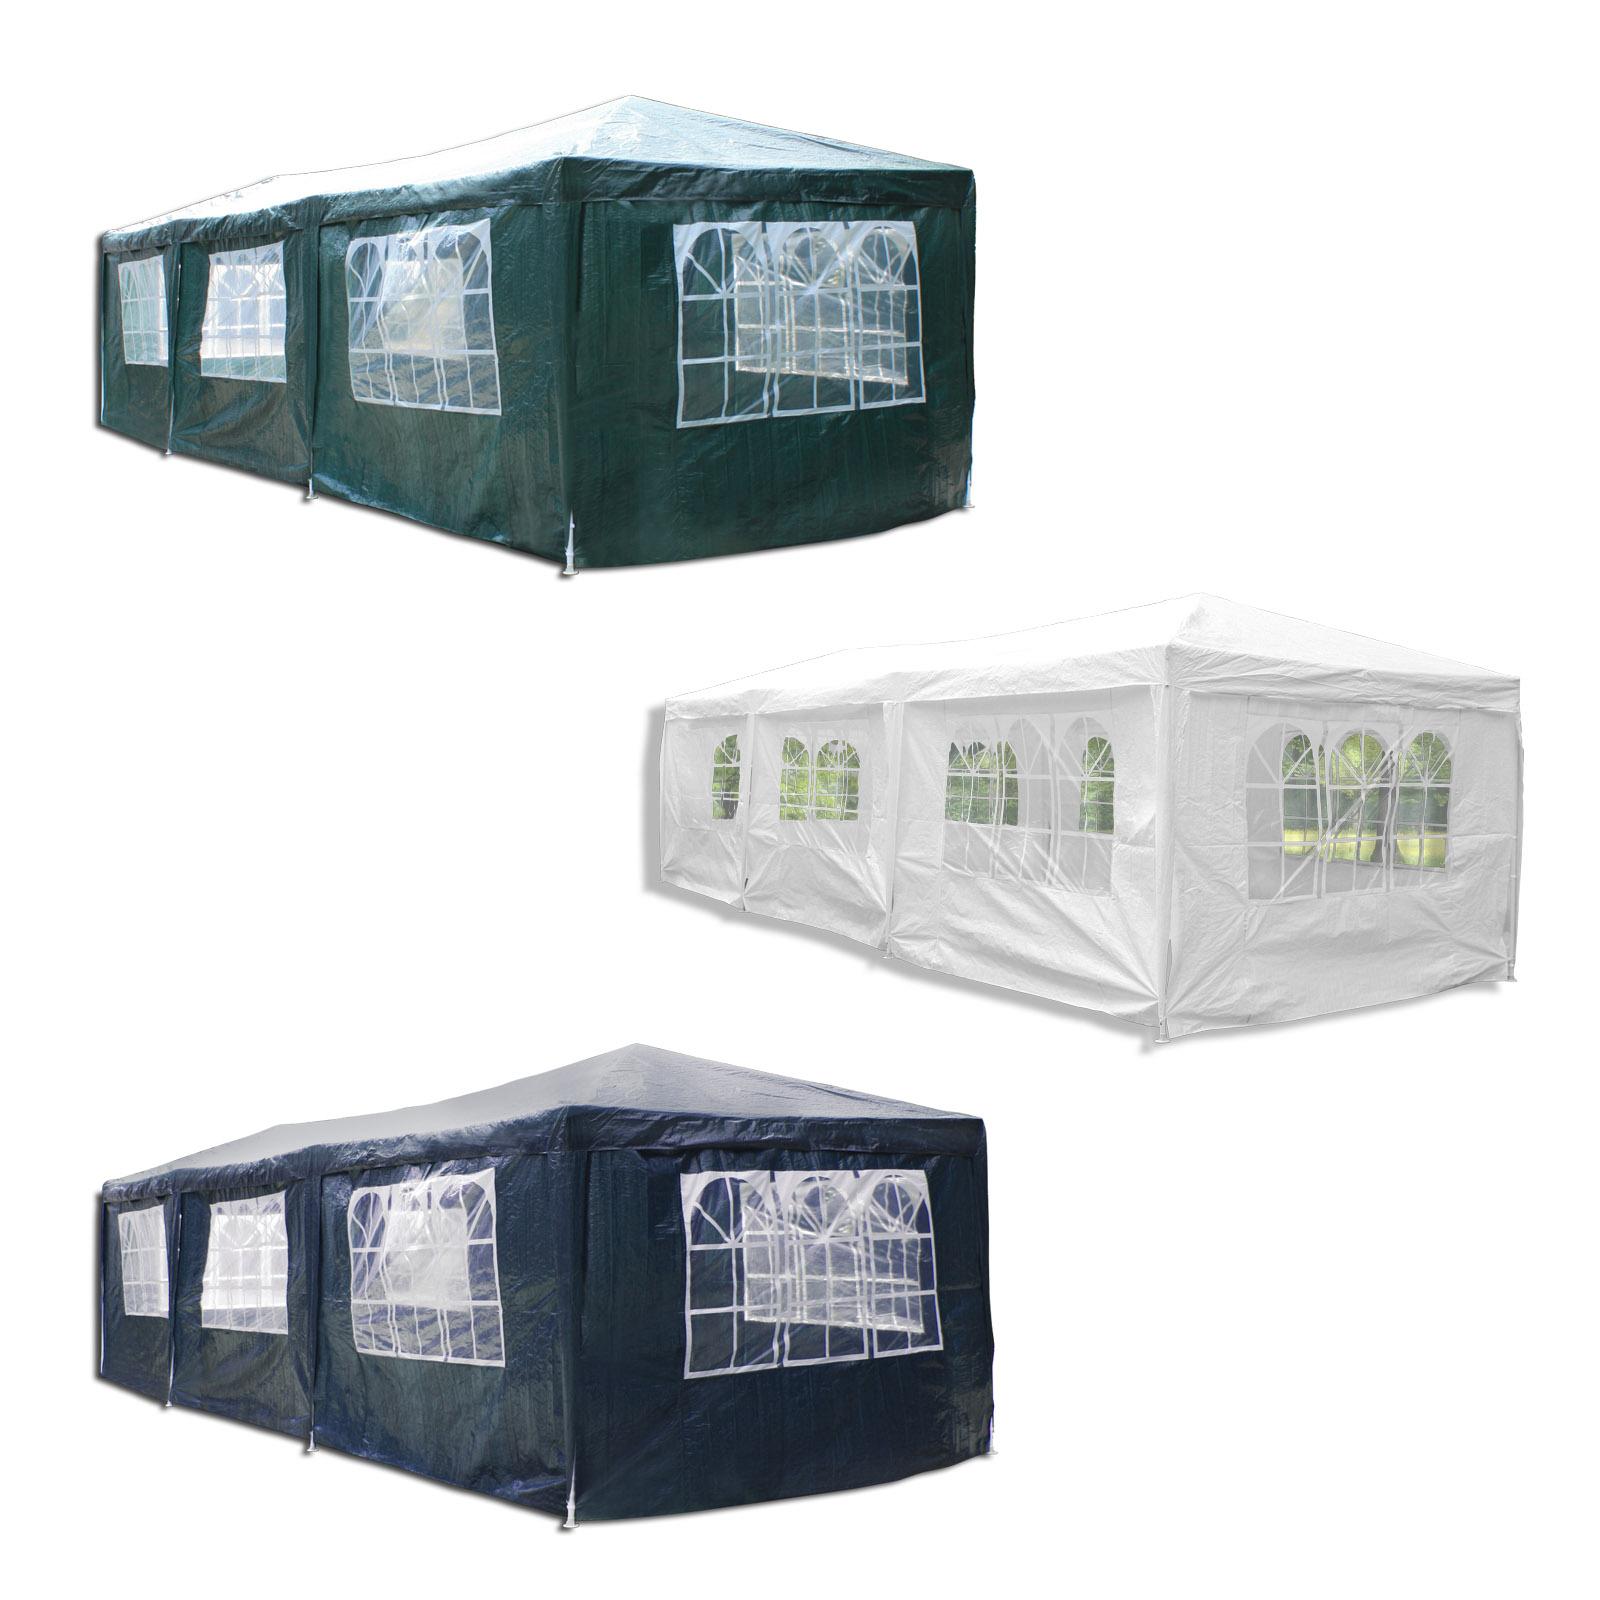 partyzelt festzelt pavillon gartenzelt 3x6m mit allen 6 seitenteilen wasserdicht. Black Bedroom Furniture Sets. Home Design Ideas